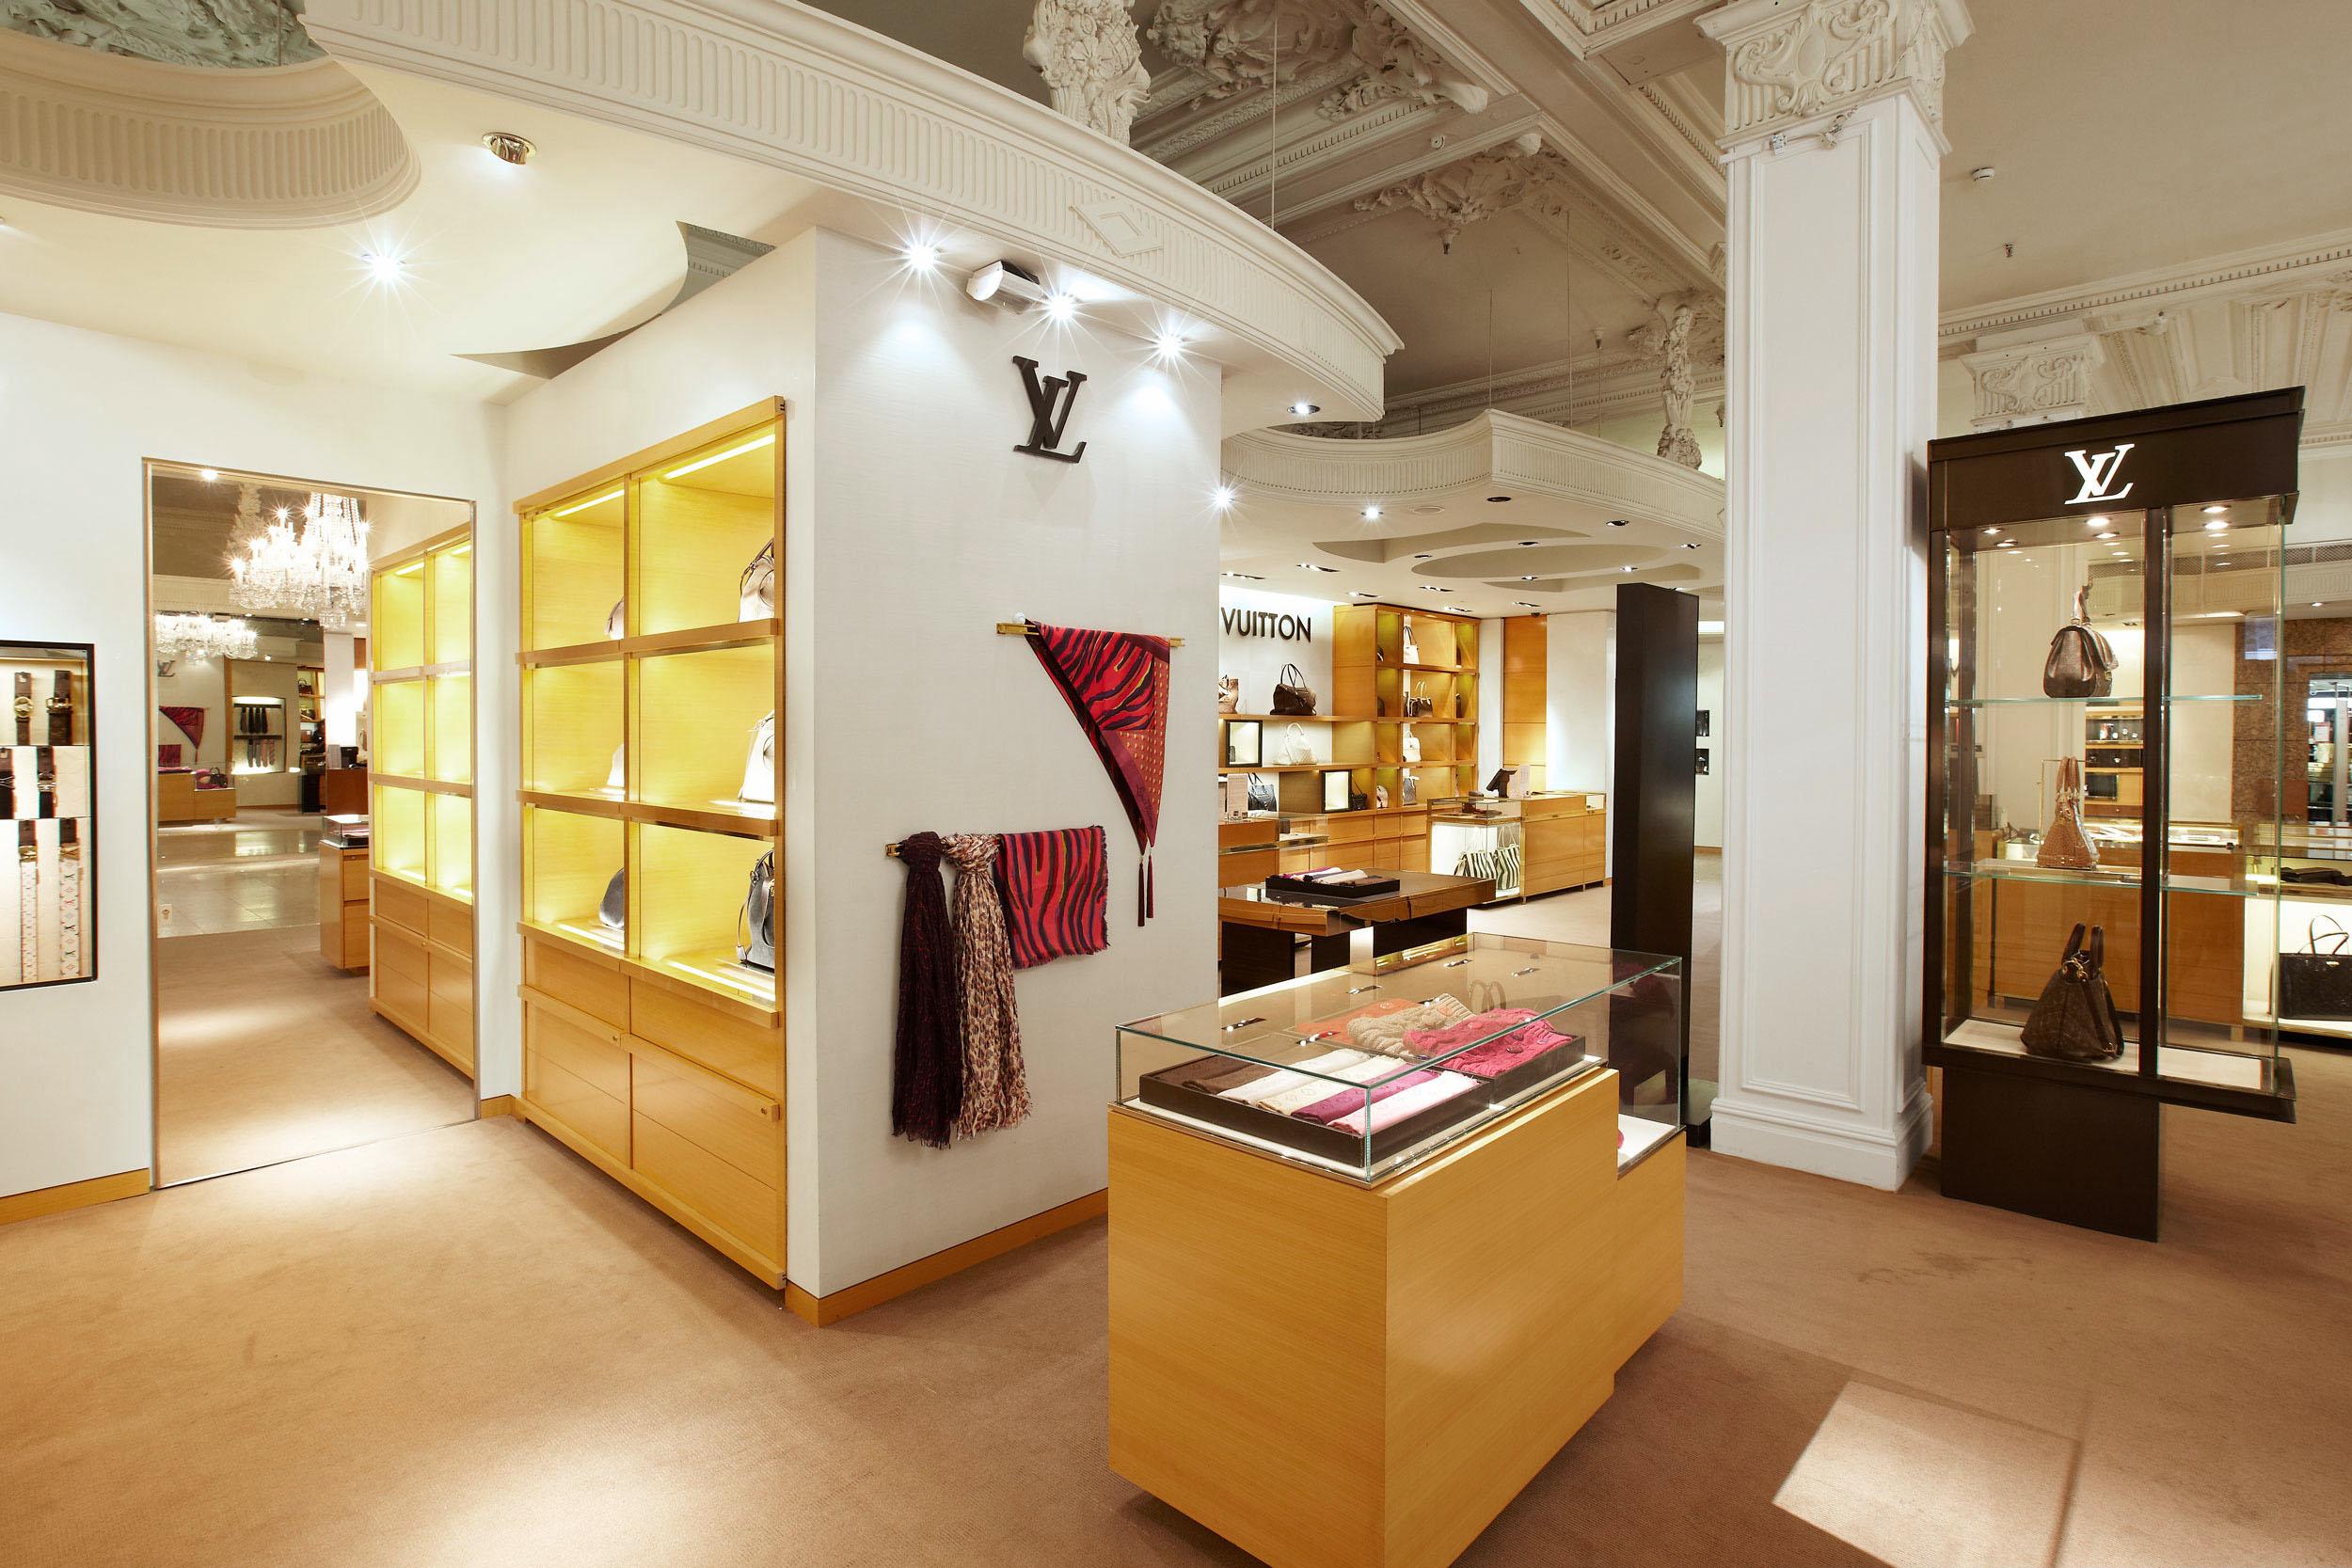 Interior_41.jpg